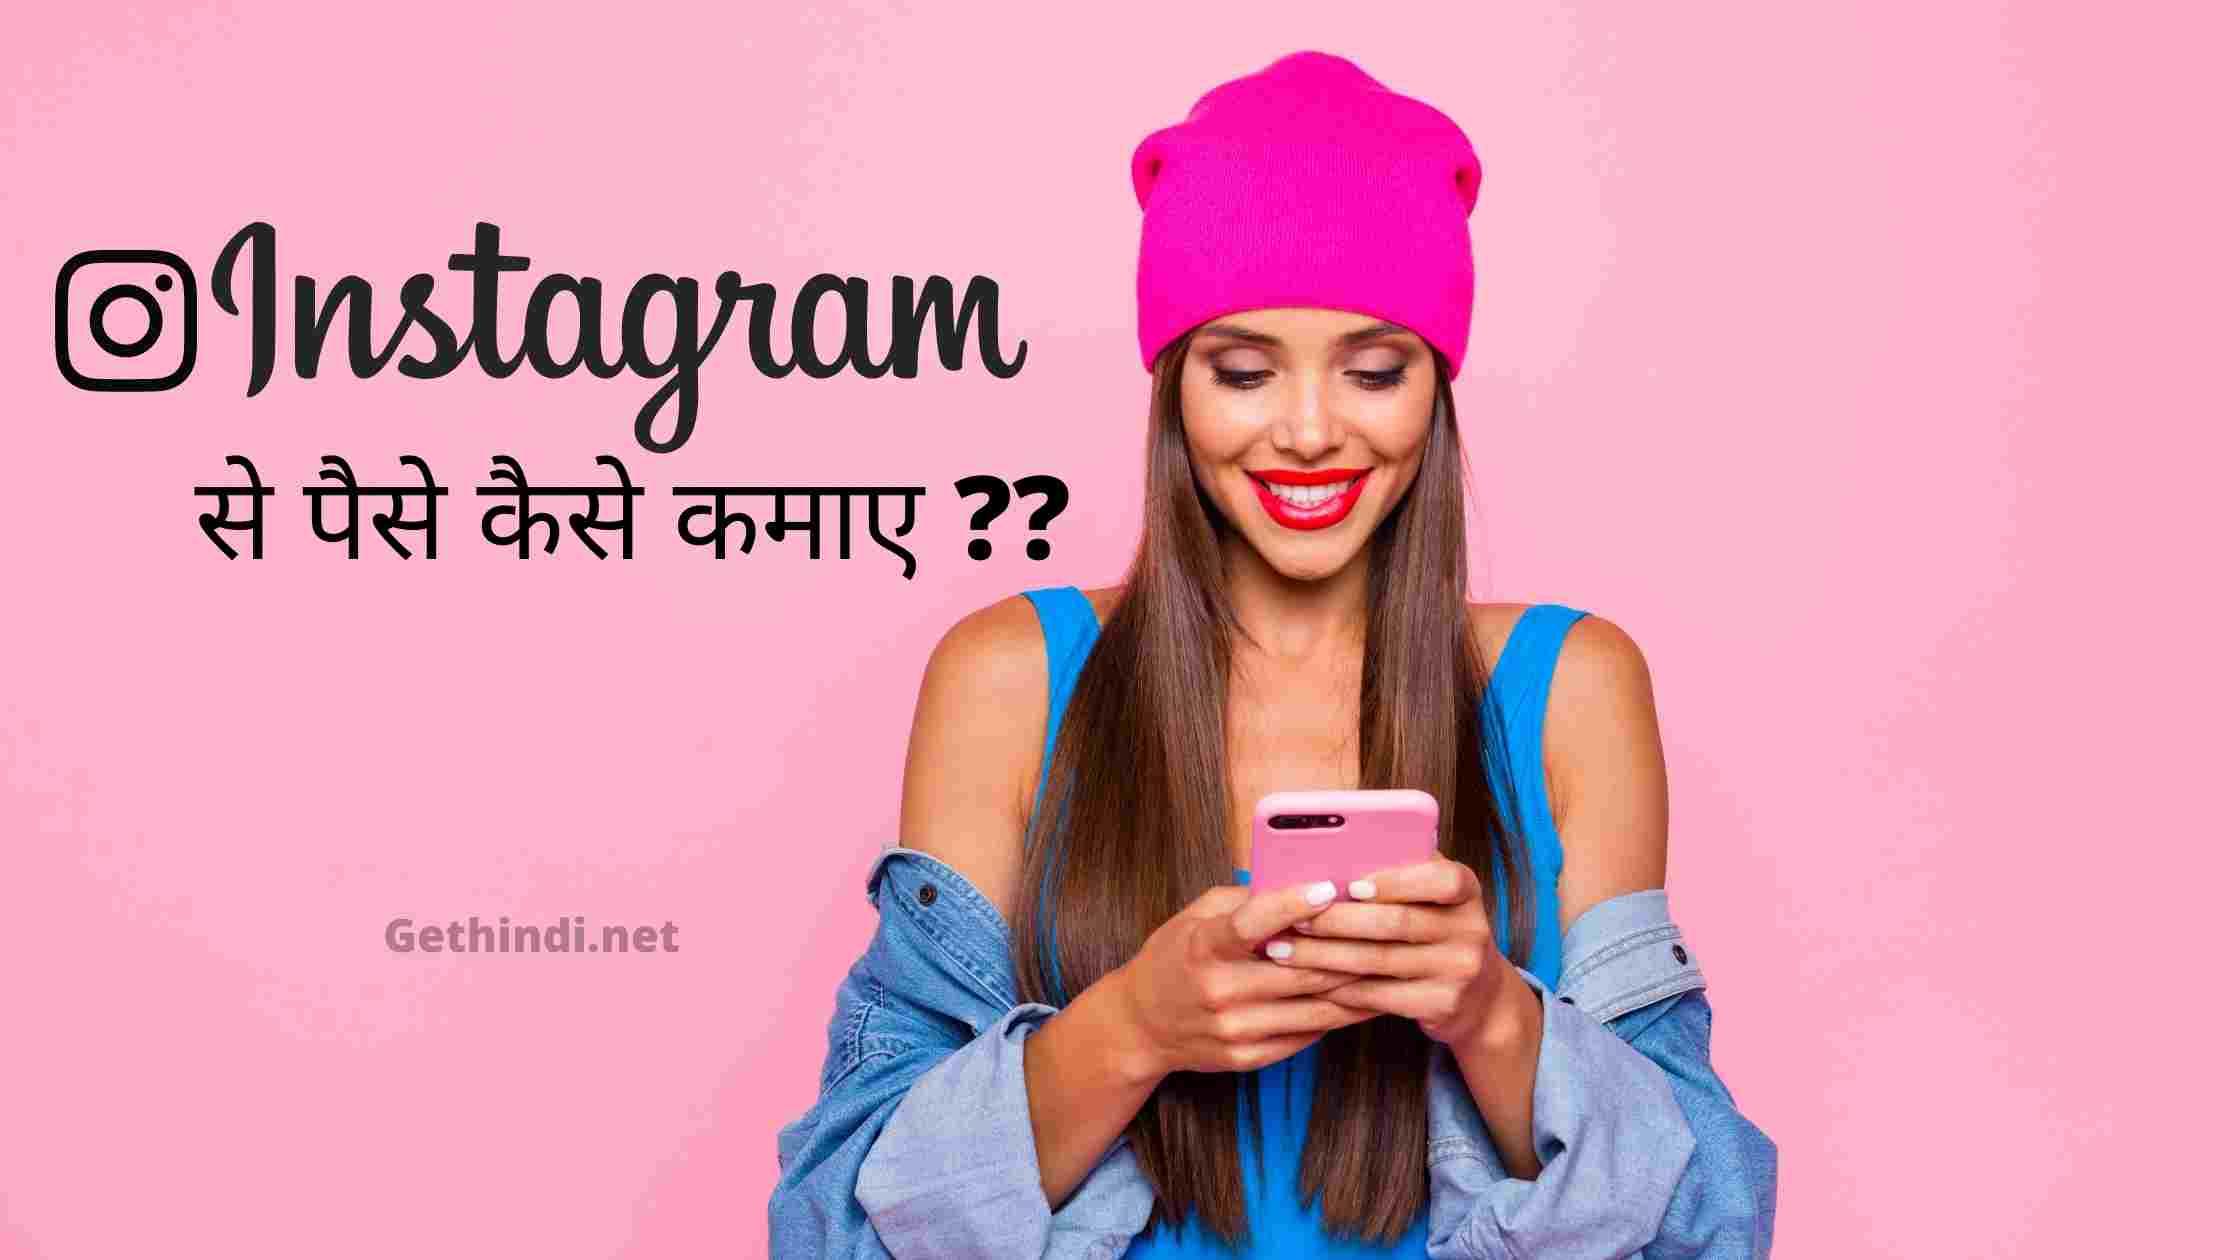 Instagram se paise kaise kamaye ?? How to earn money from instagram